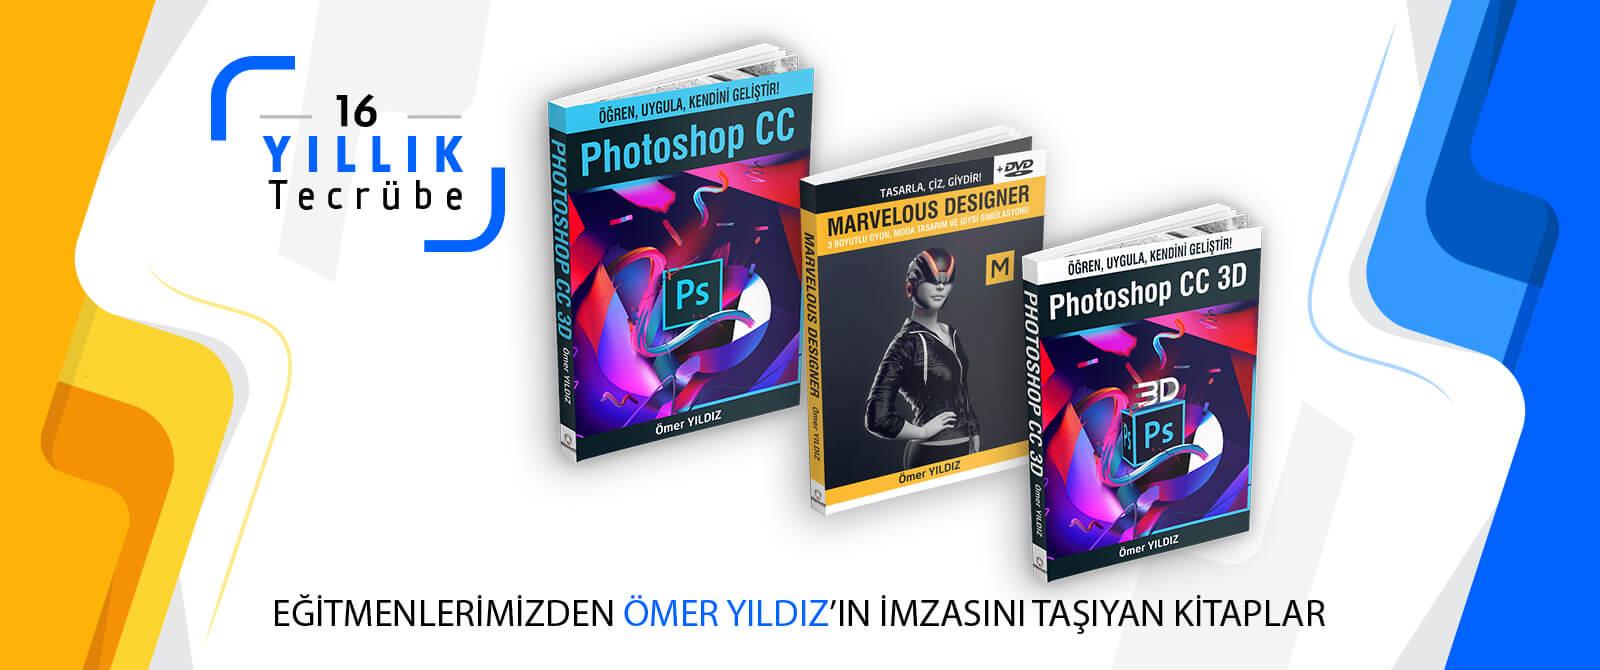 Omer-Yildiz-Photoshop-Kitabi